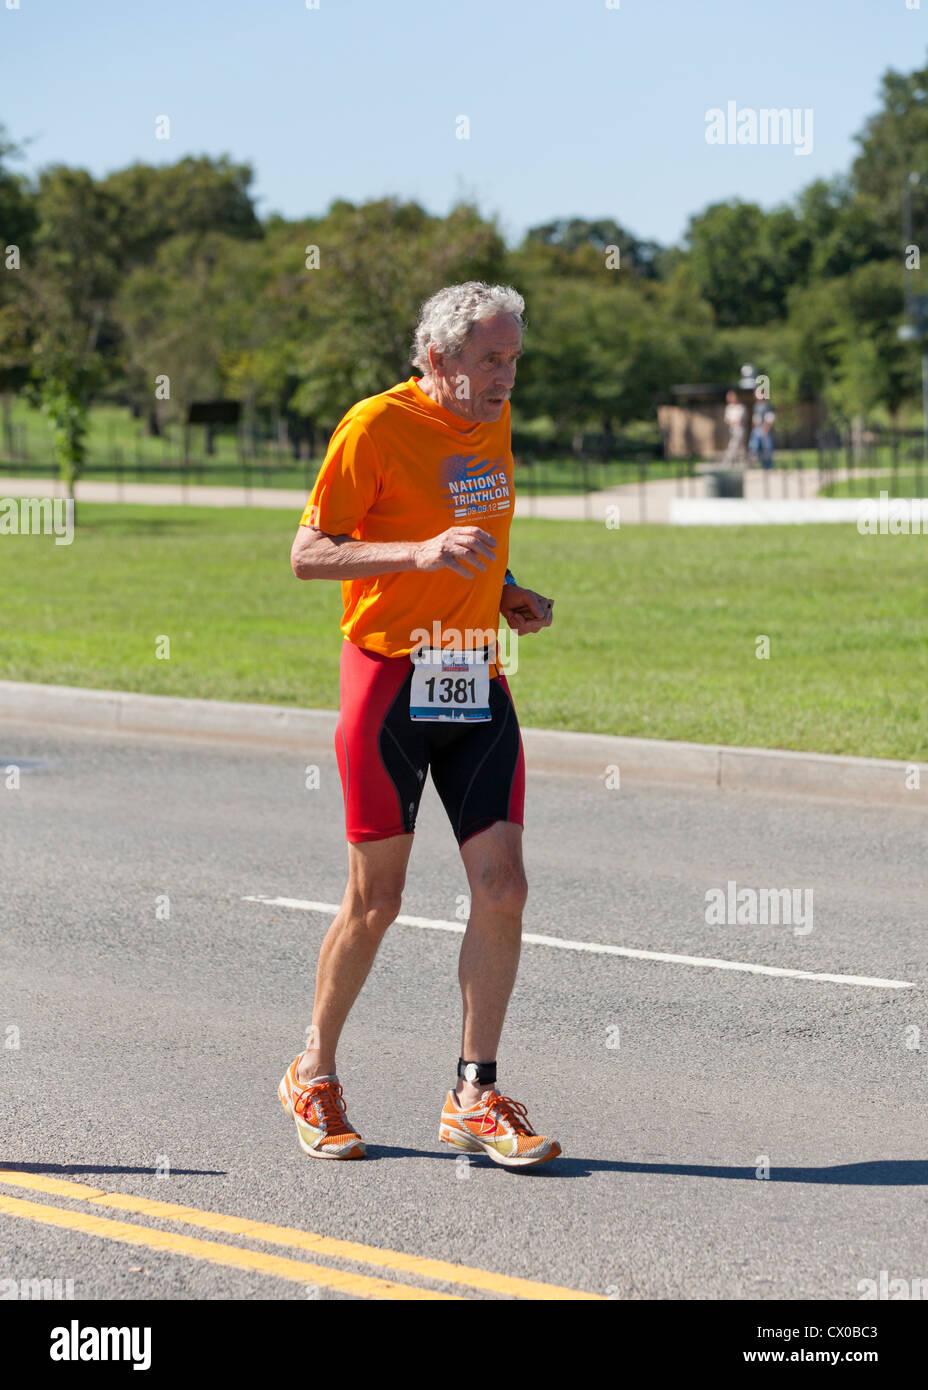 Running the Marathon - Health Risks |Marathon Man Running